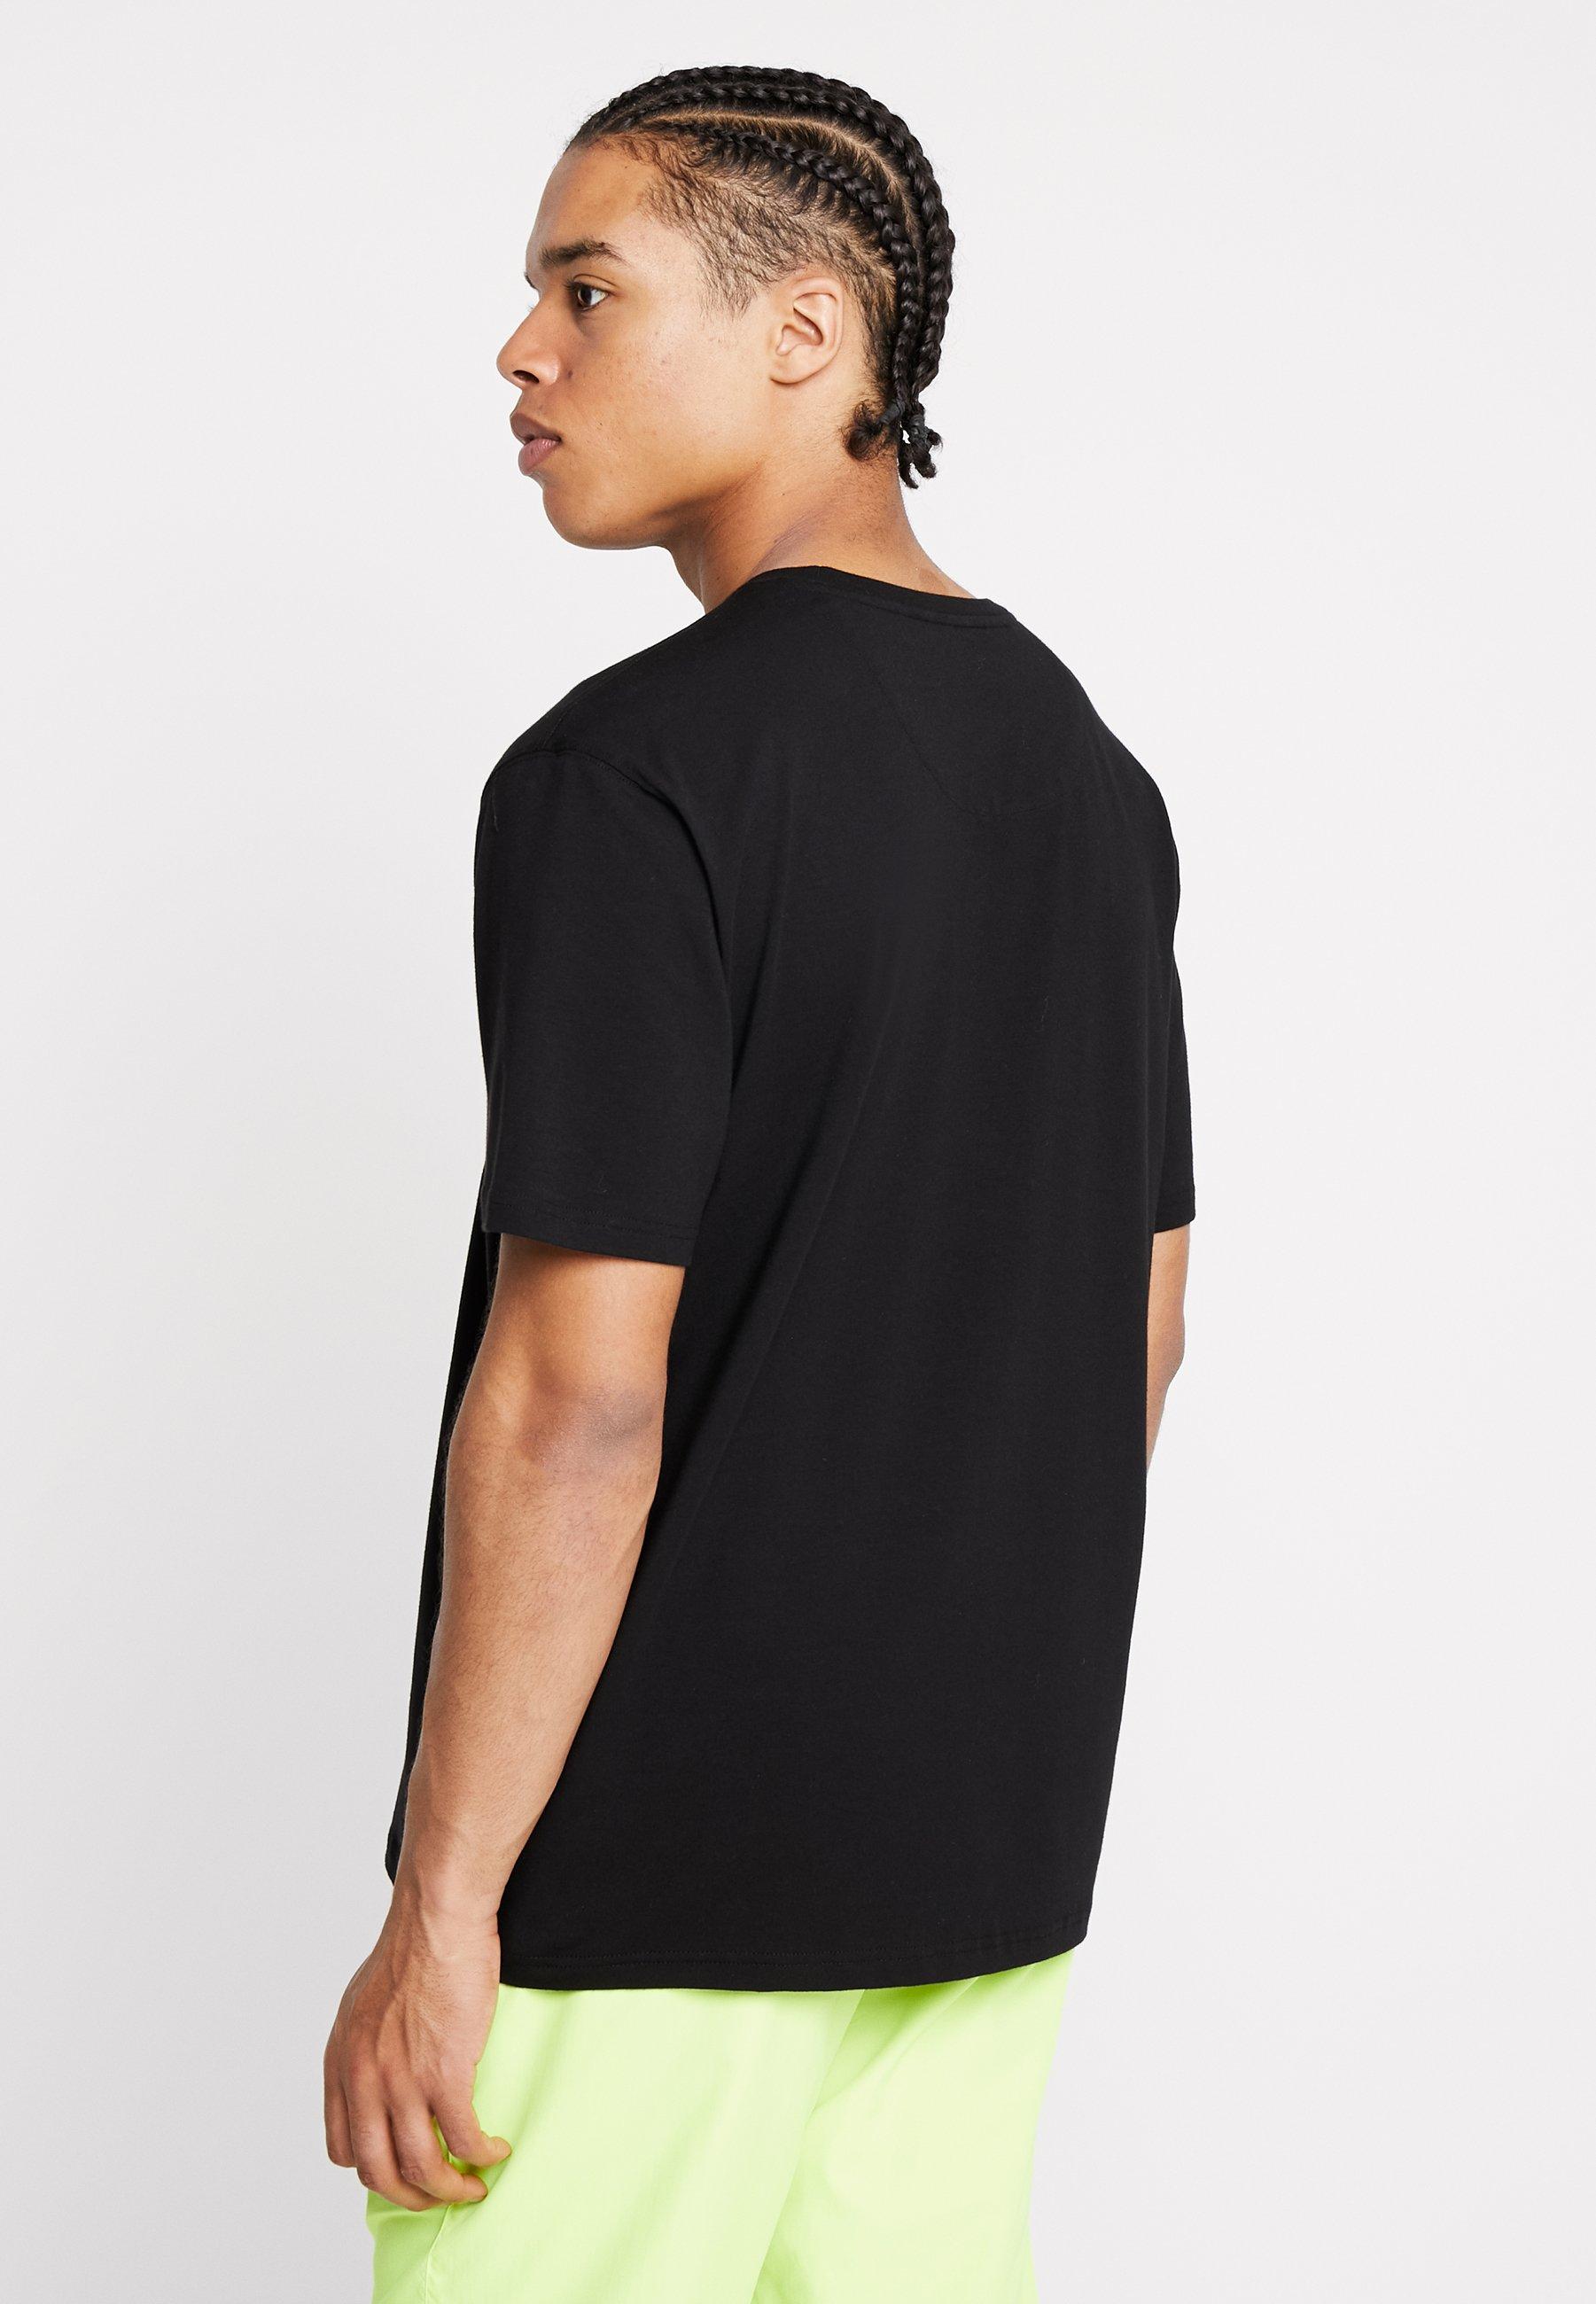 Colucci ImpriméBlack shirt shirt Colucci T ImpriméBlack Carlo T Carlo Carlo Colucci T shQrtdC